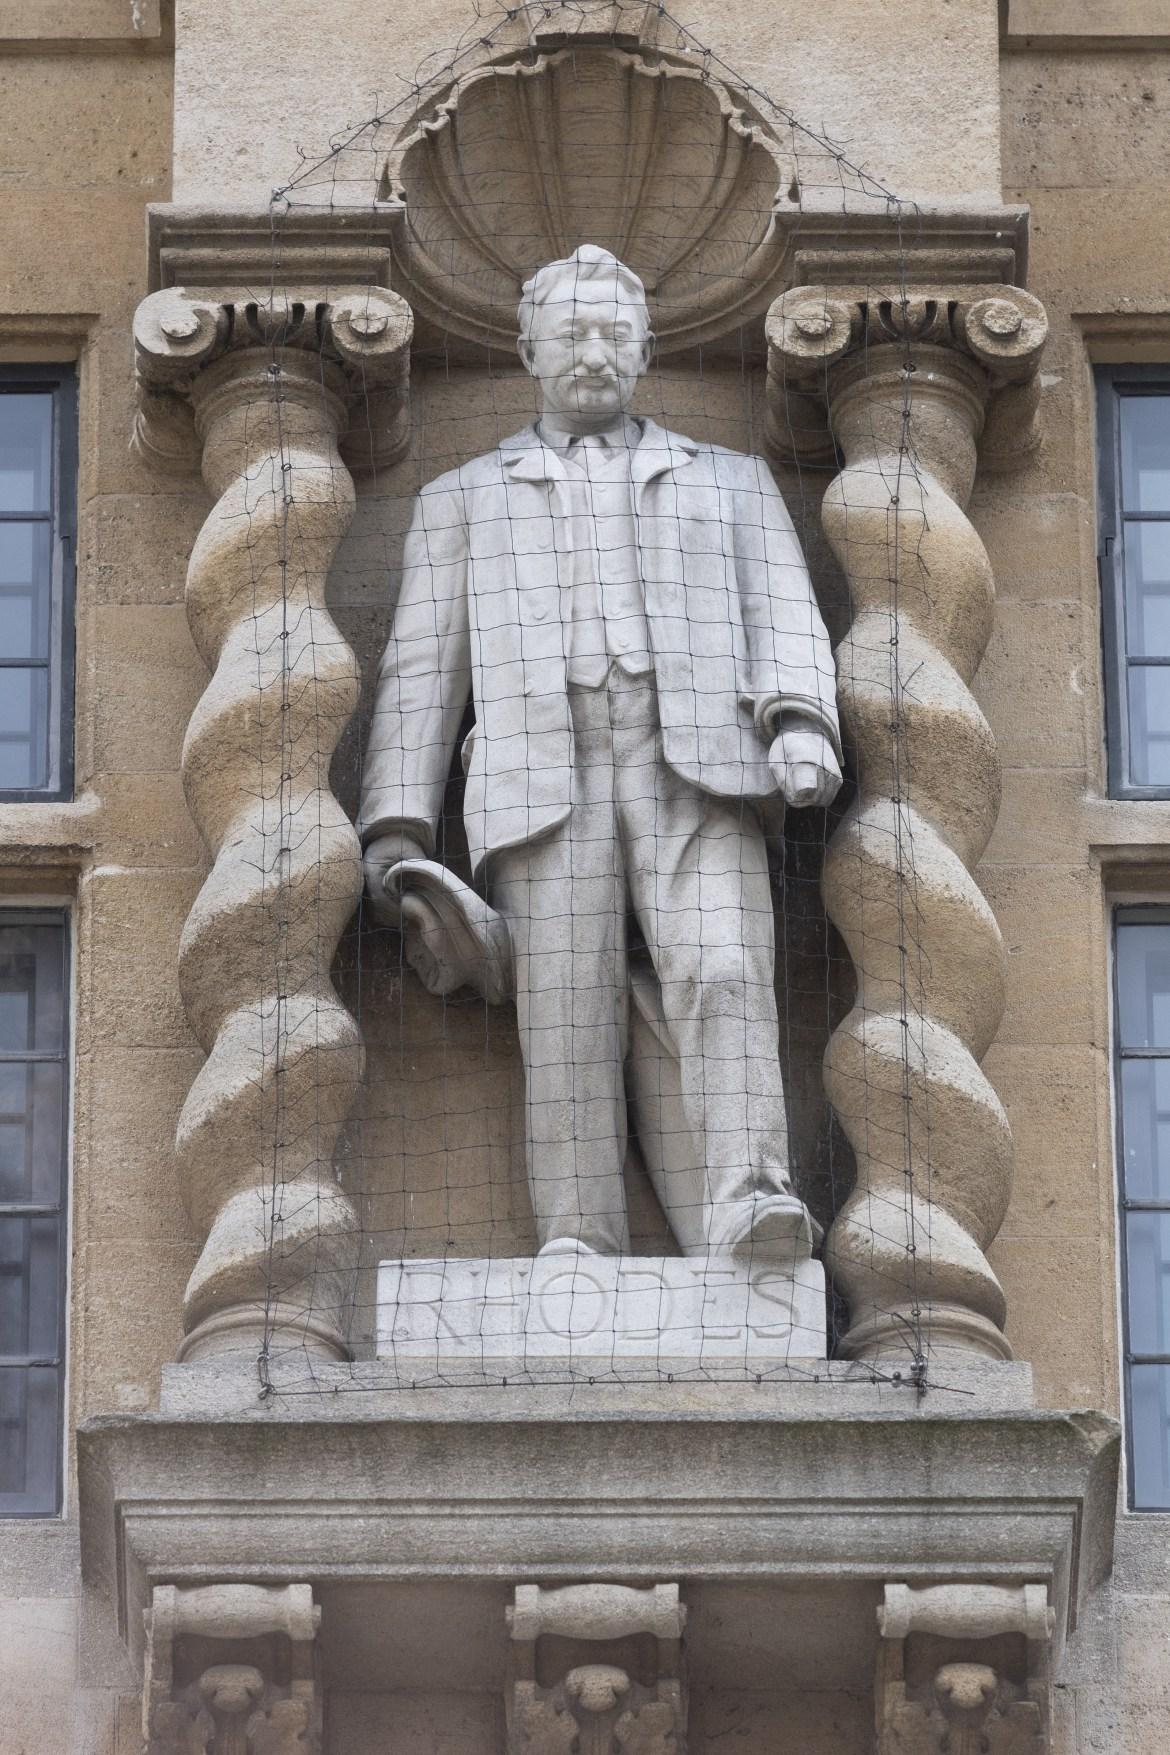 تمثال لسيسيل جون رودس على الباب الأمامي للجامعة